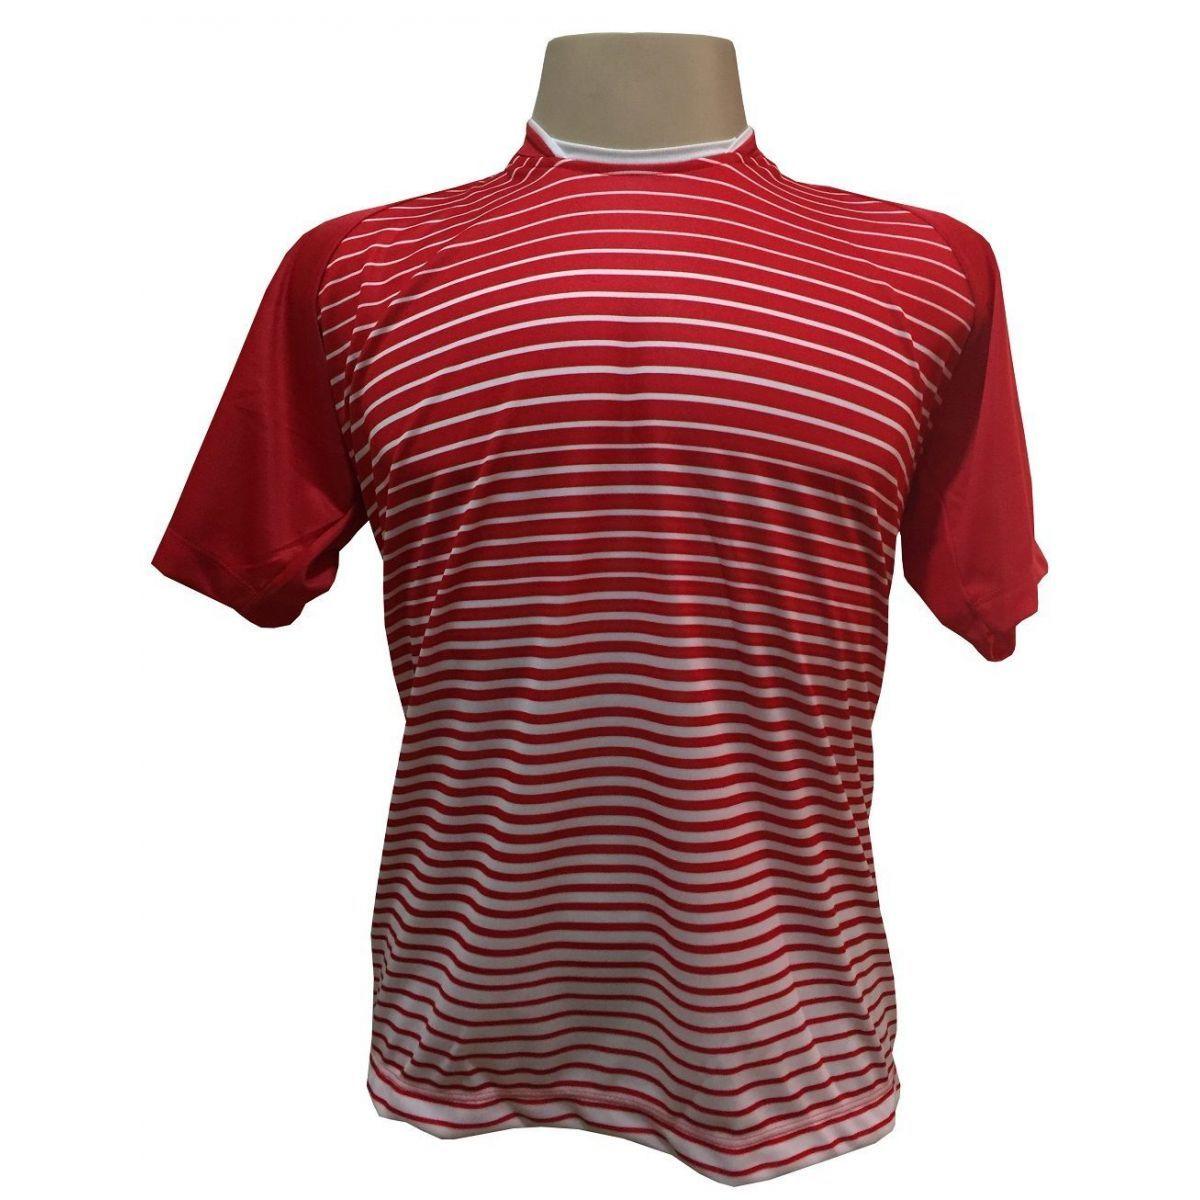 Jogo de Camisa com 12 unidades modelo City Vermelho/Branco + 1 Camisa de Goleiro